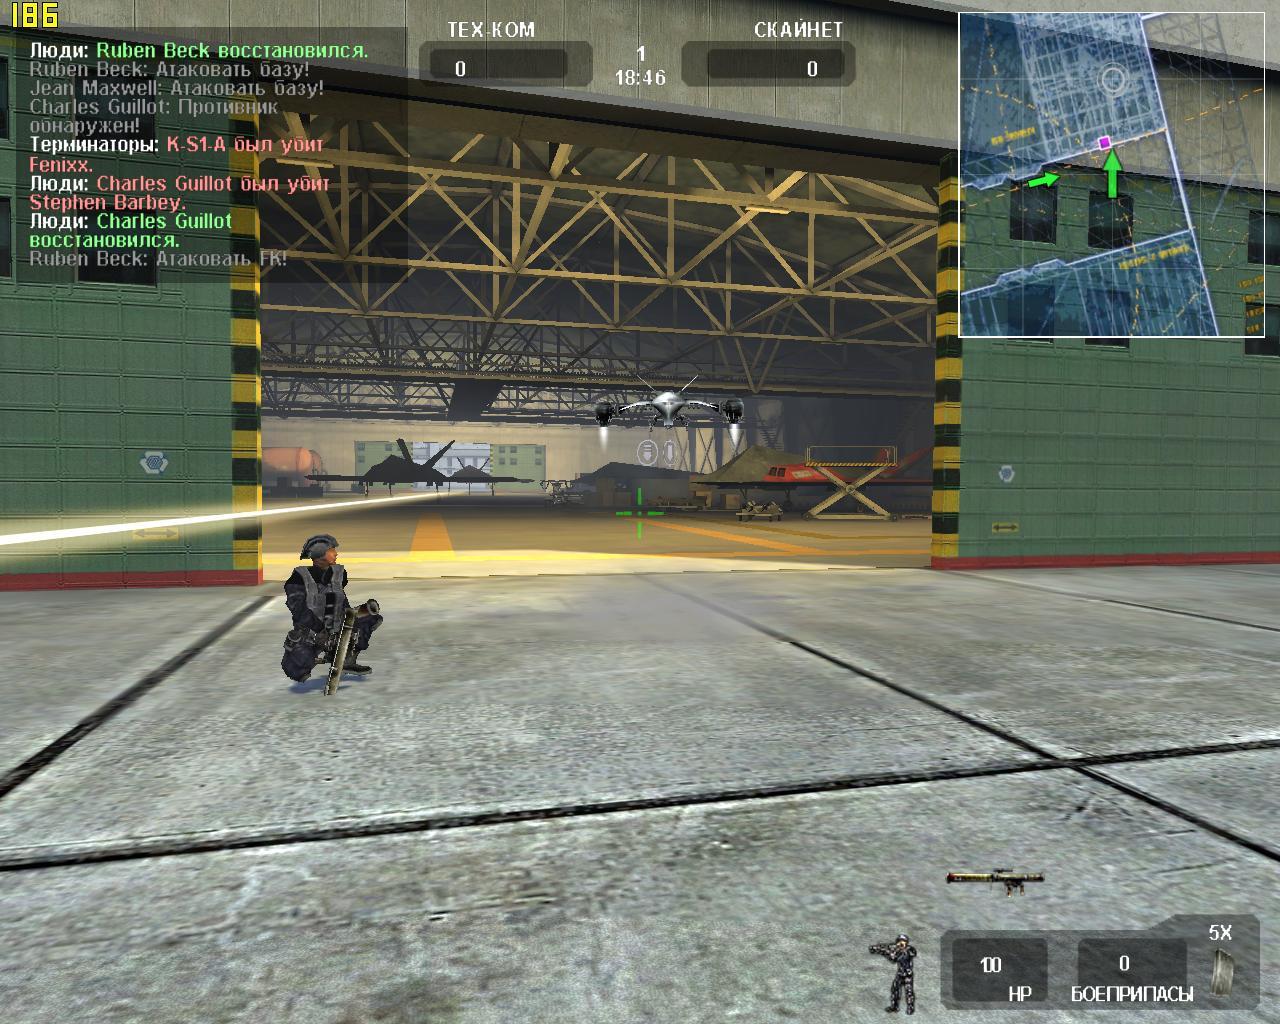 терминатор 2 скачать торрент игра